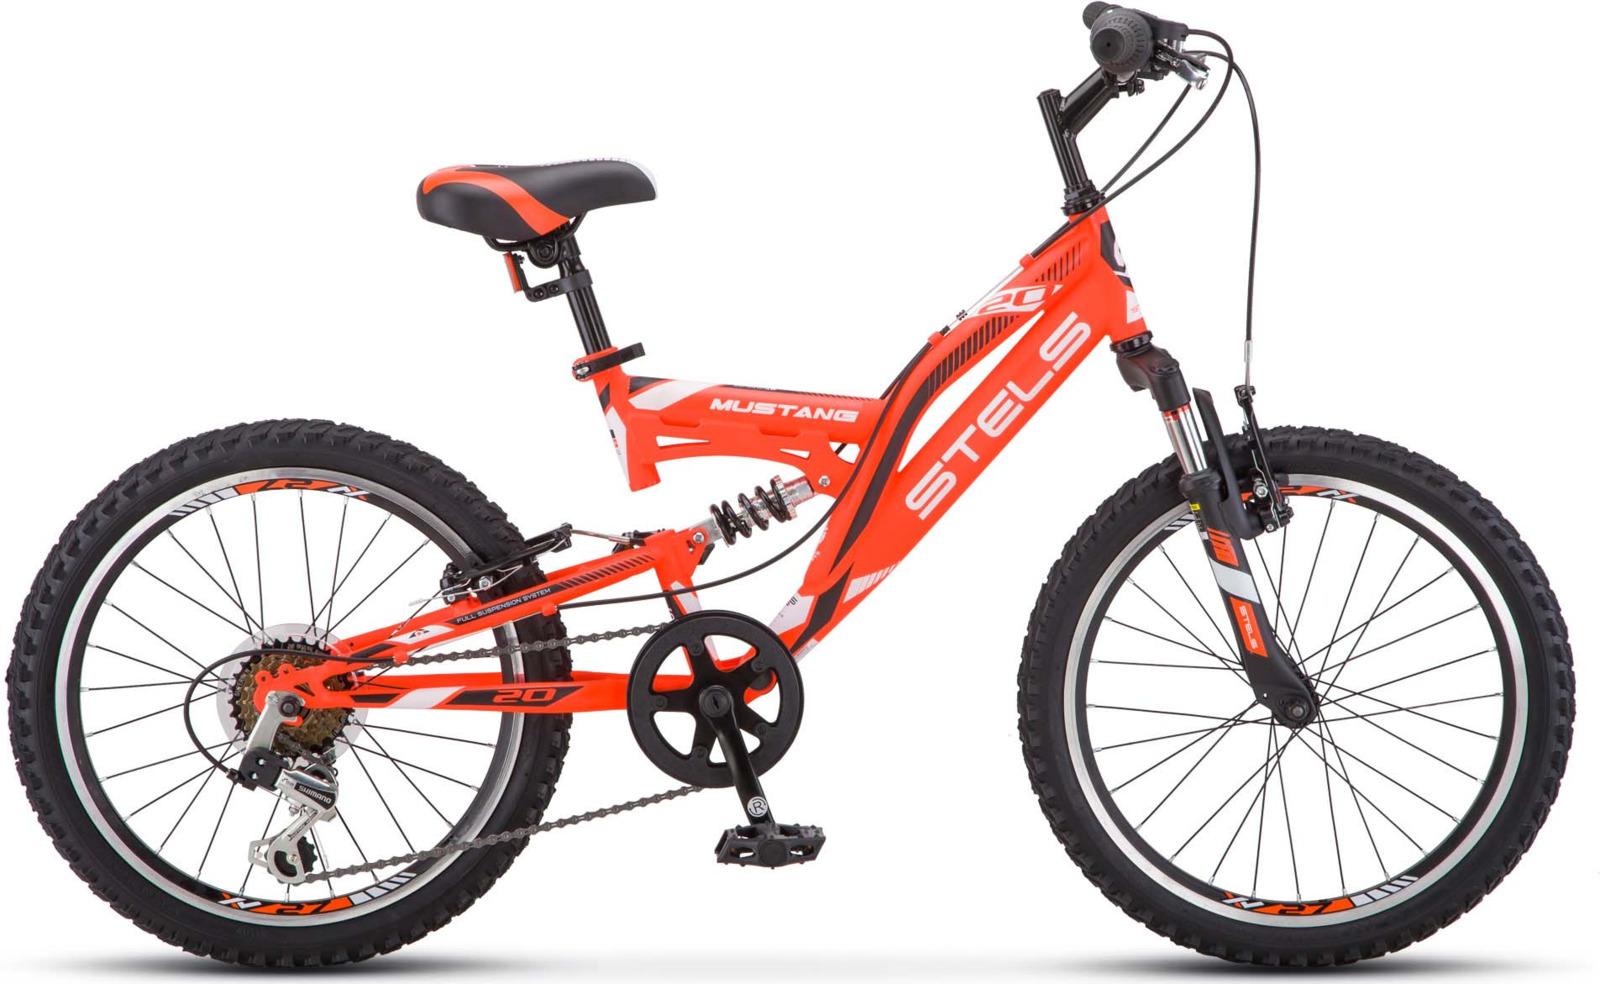 Велосипед Stels Mustang V 13, KUBC0049792018, красный